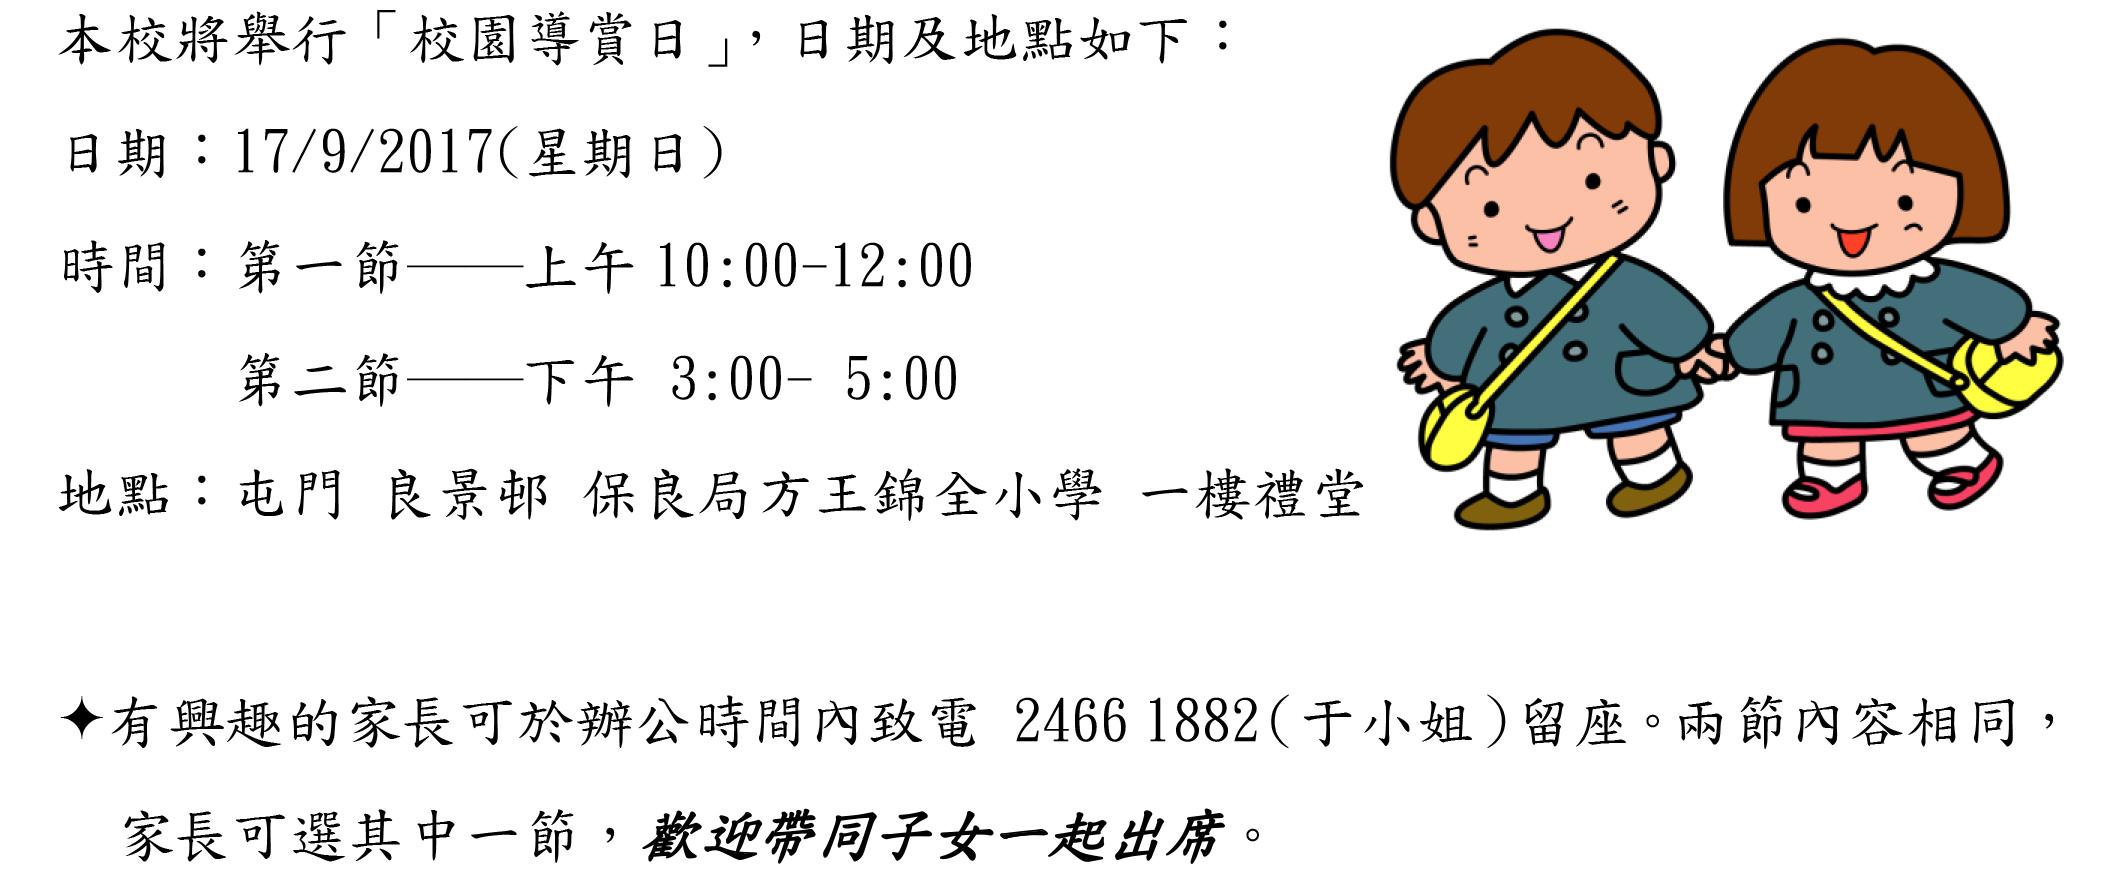 http://www.plkfwkc.edu.hk/it-school/php/webcms/files/upload/tinymce//ex01/172_1504494133.jpg